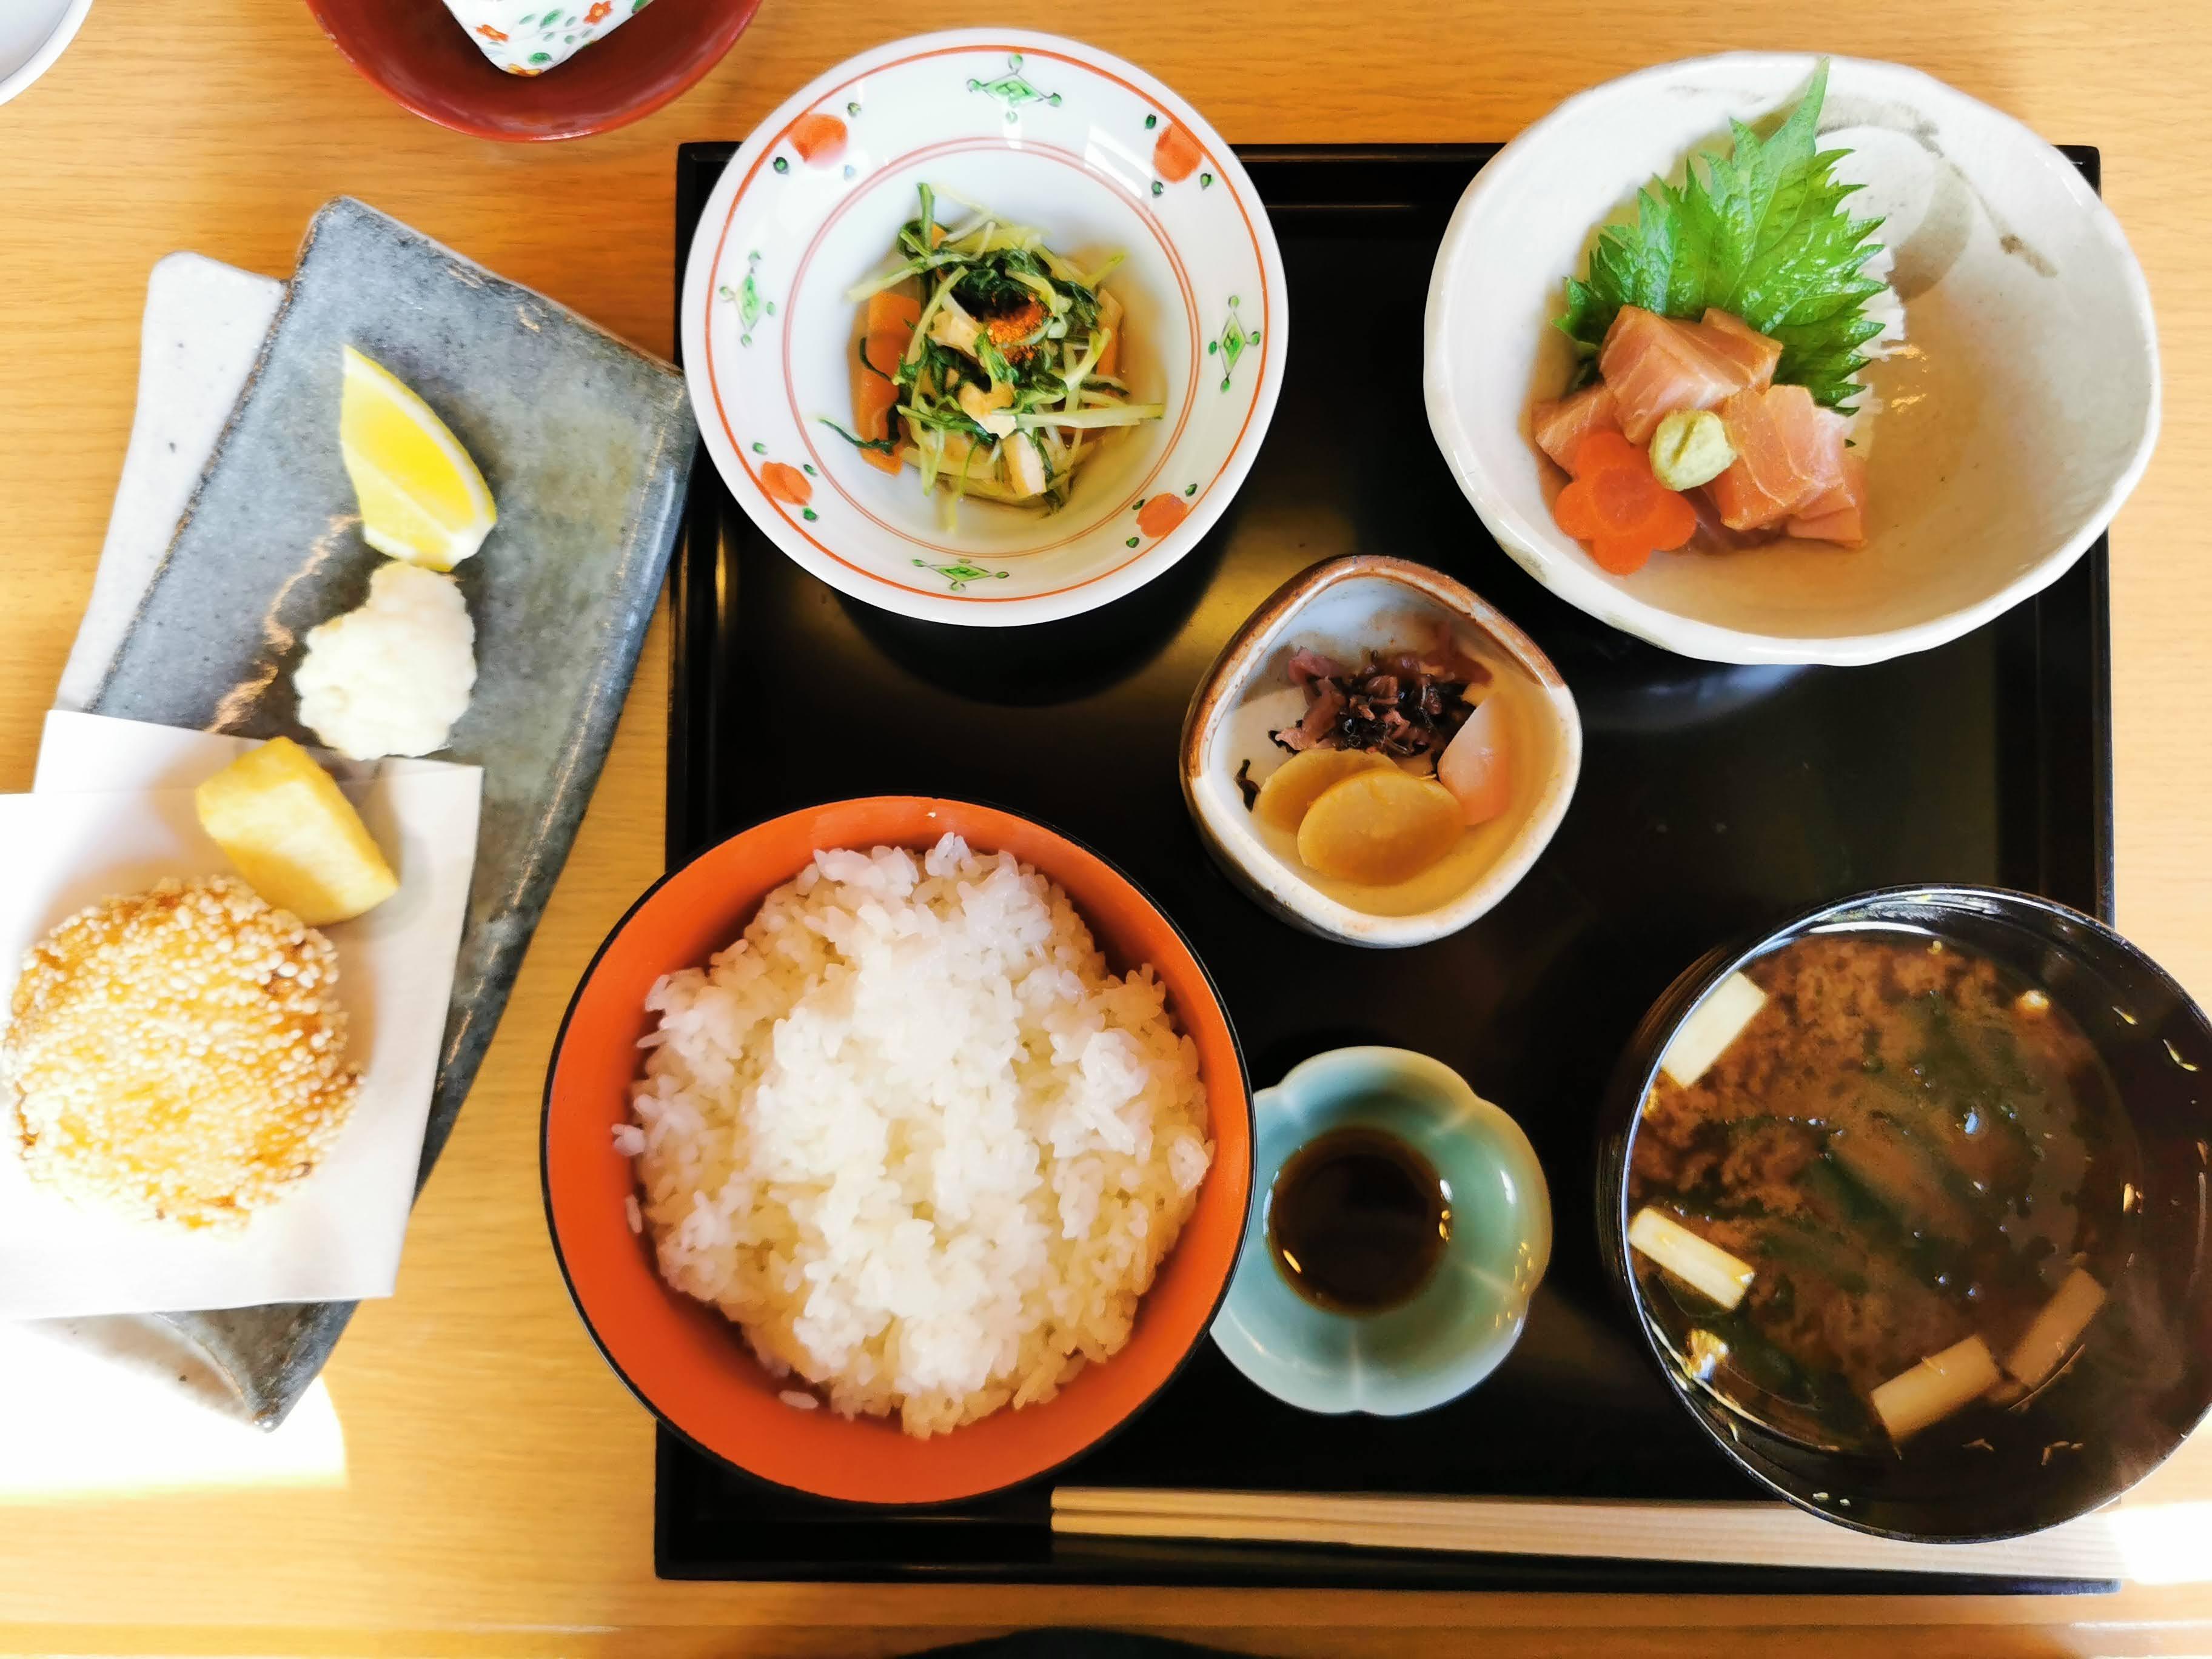 【北鎌倉】茶飯事@懐石料理を手軽な定食スタイルで!北鎌倉ランチにおすすめ。